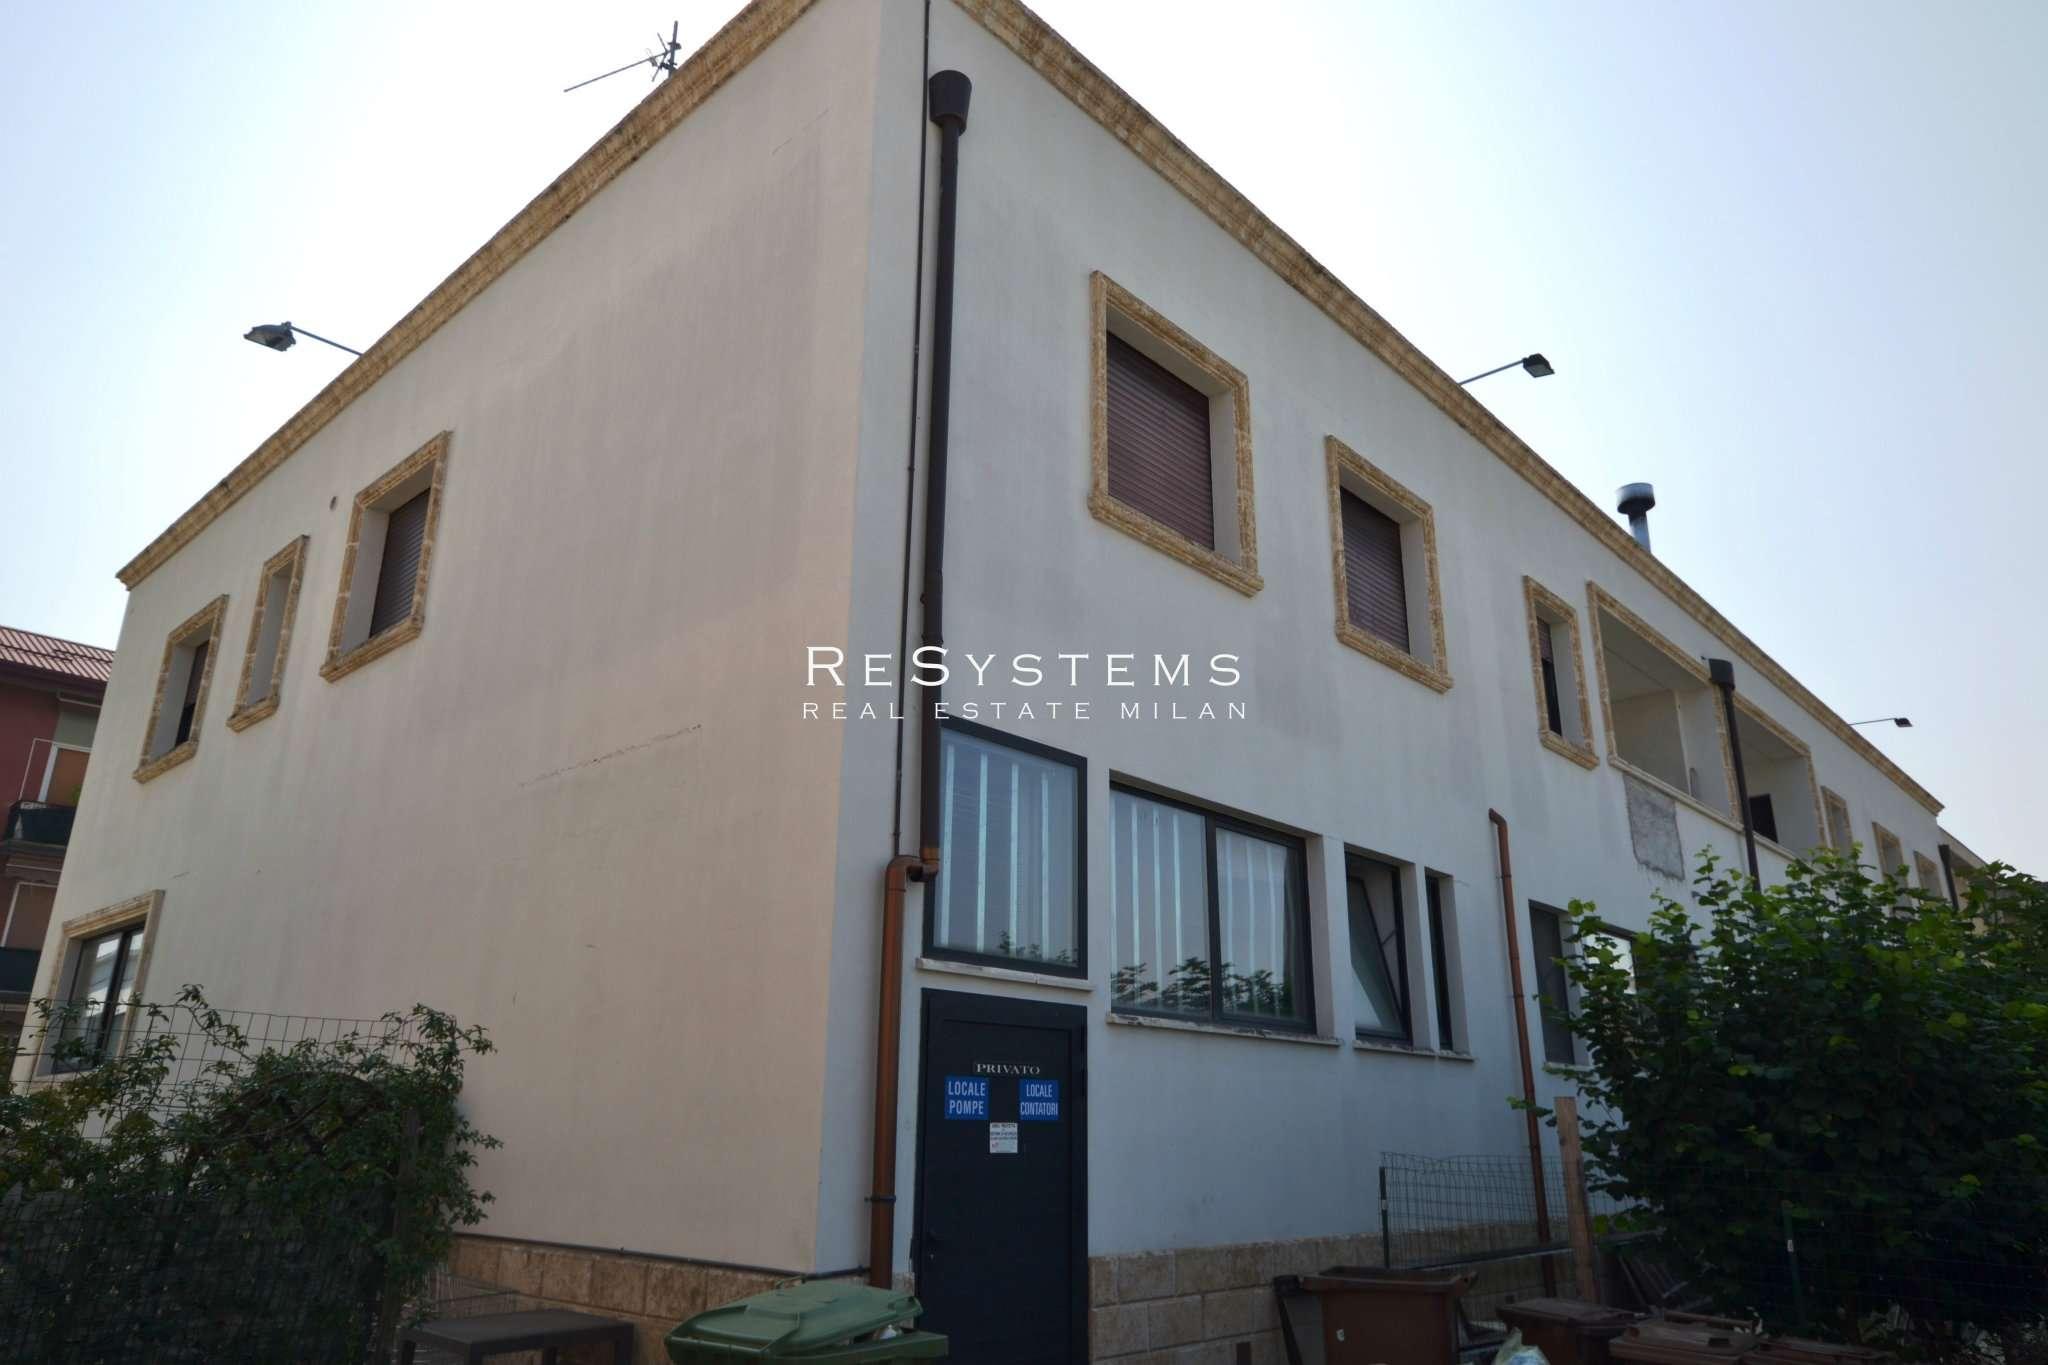 Negozio / Locale in vendita a Pero, 3 locali, prezzo € 830.000 | PortaleAgenzieImmobiliari.it